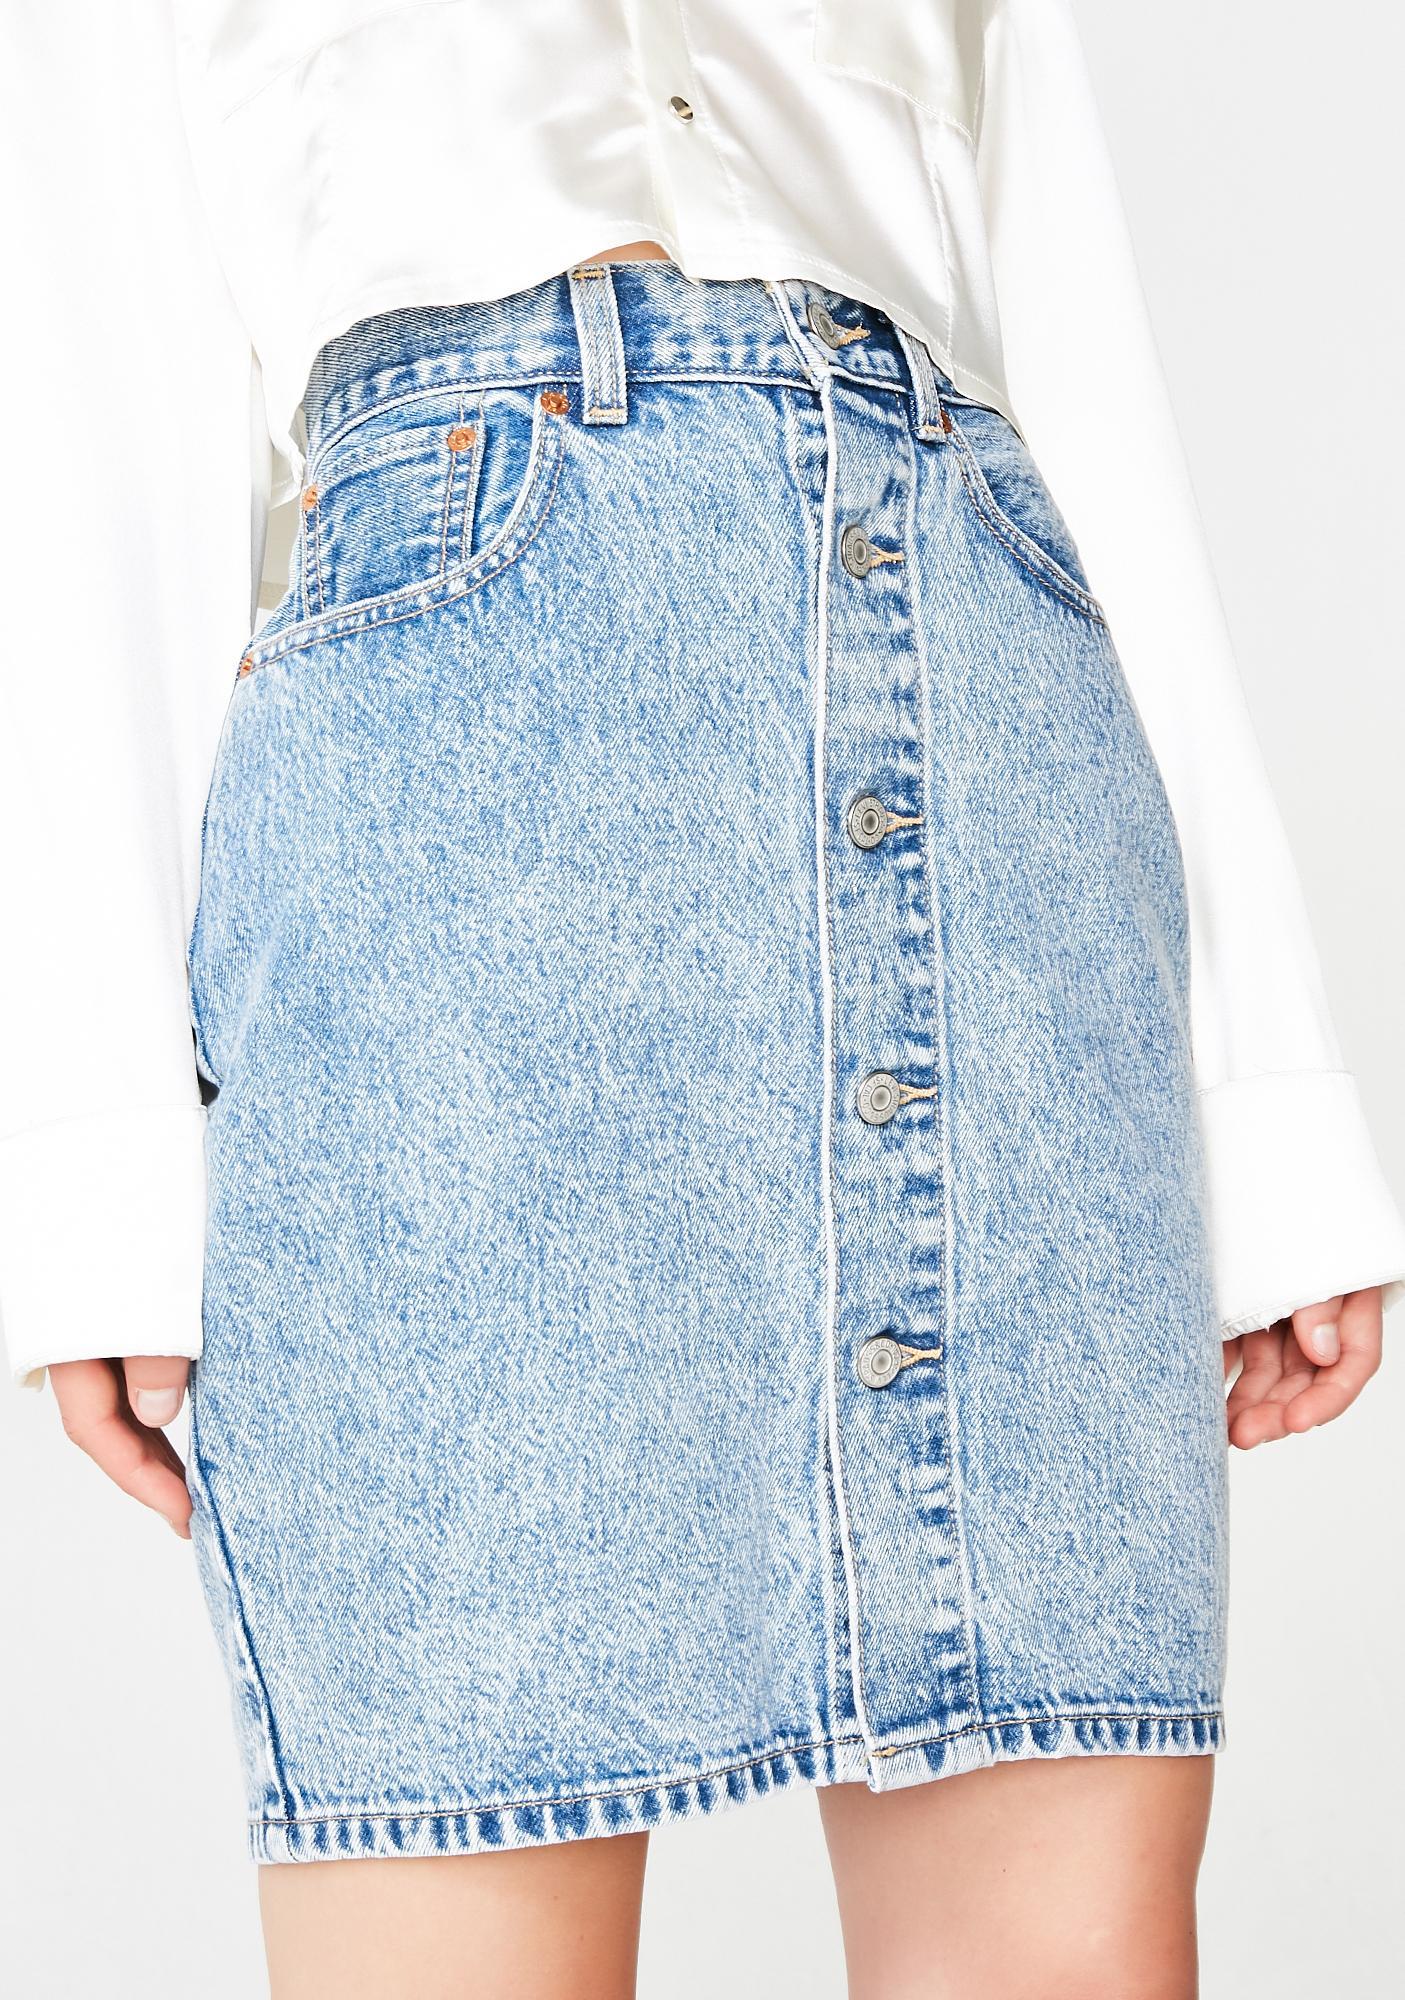 c7d7f841a0 Levis Button Thru Mom Skirt